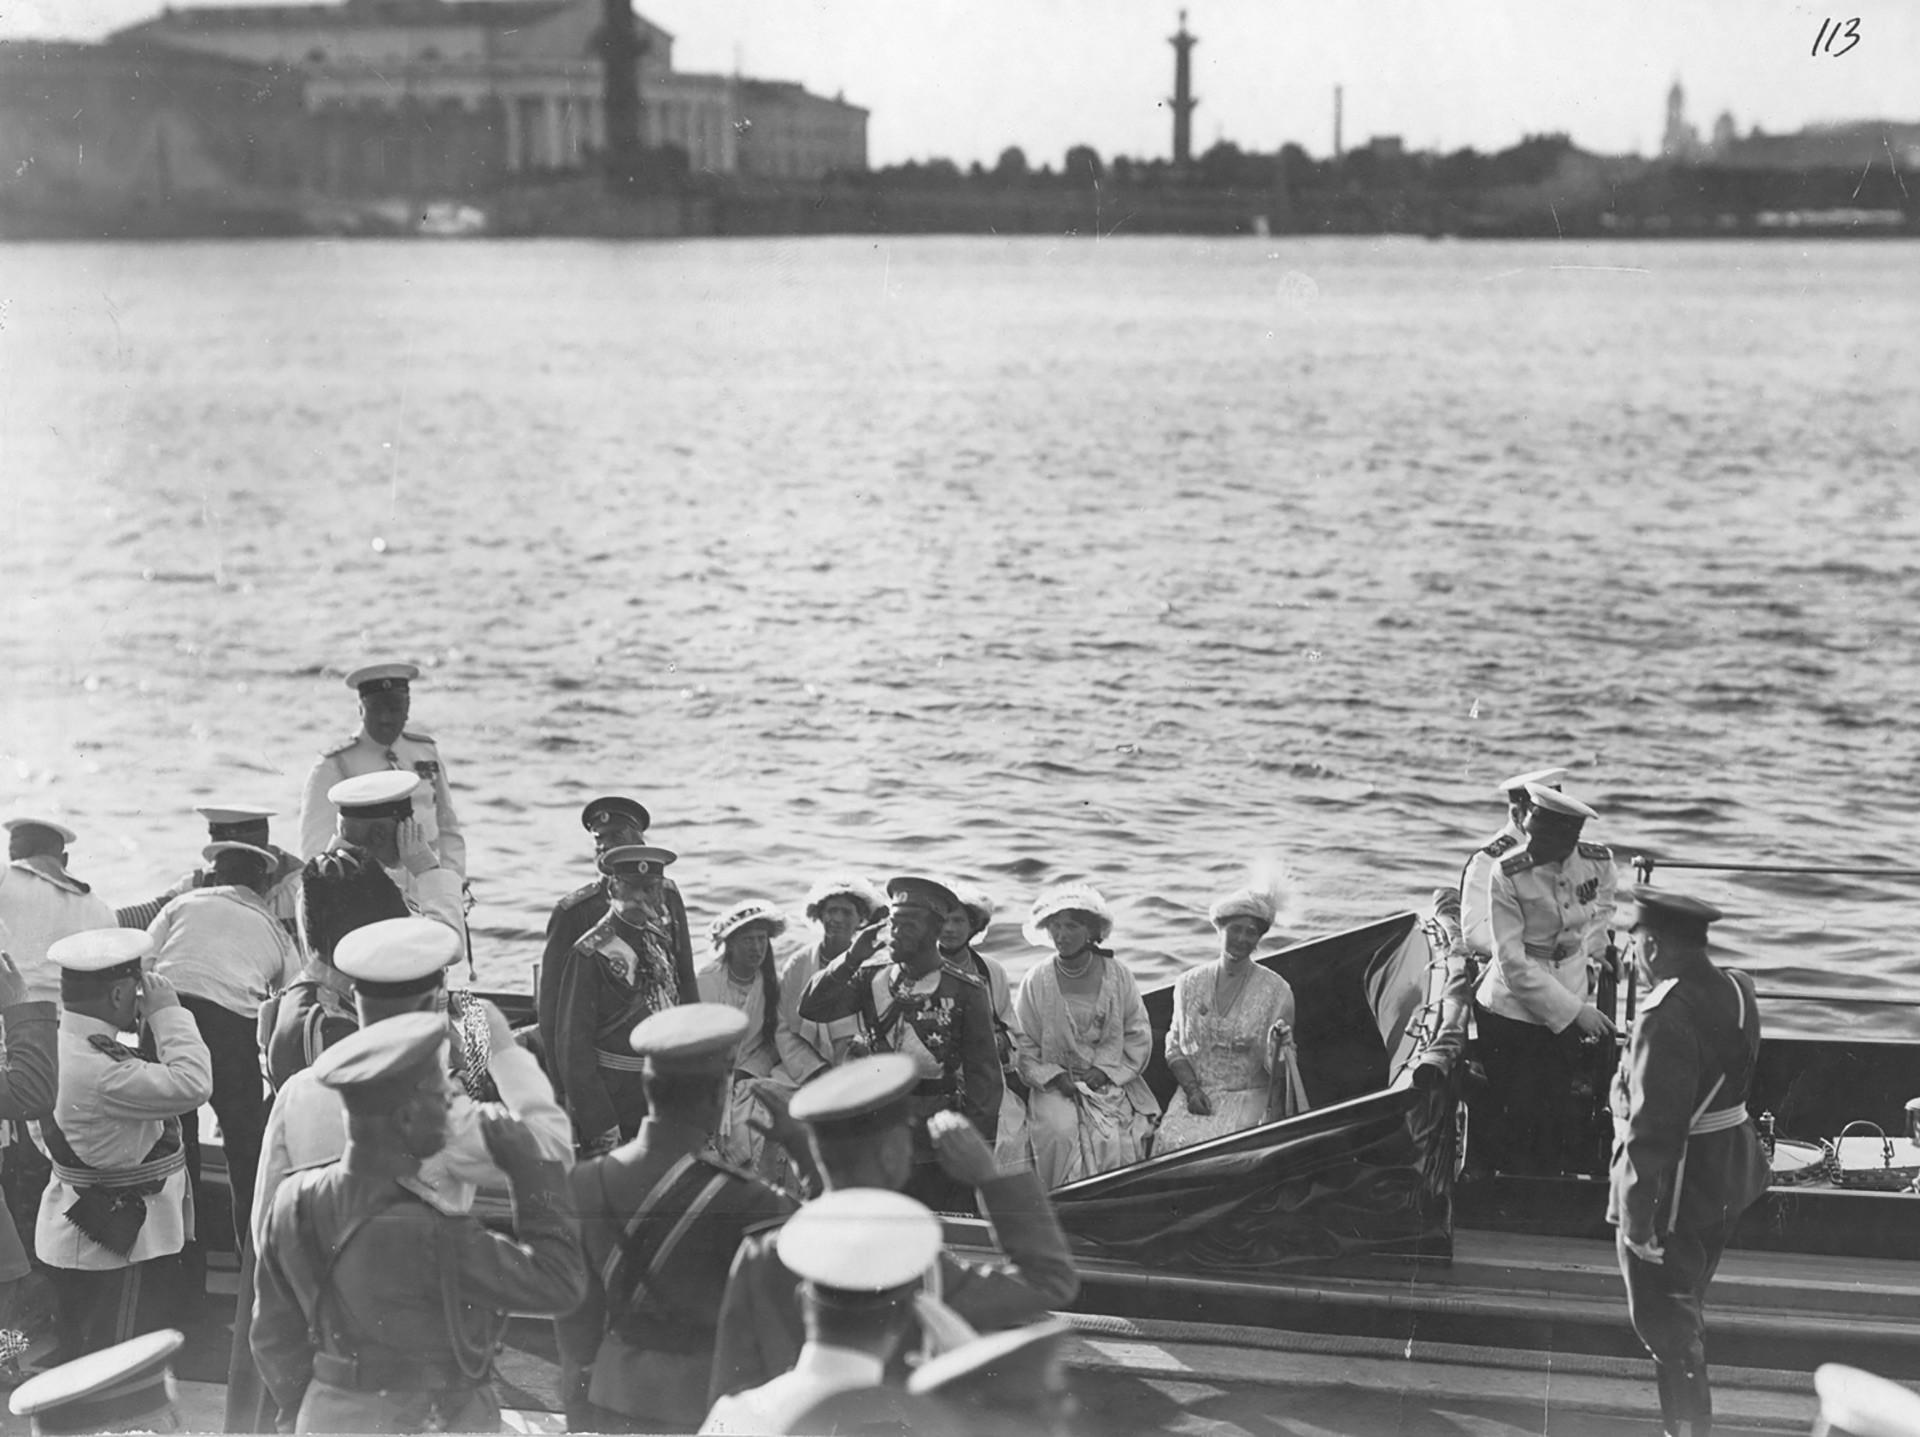 K. K. Bulla撮影、ロシア国立海軍アーカイブ